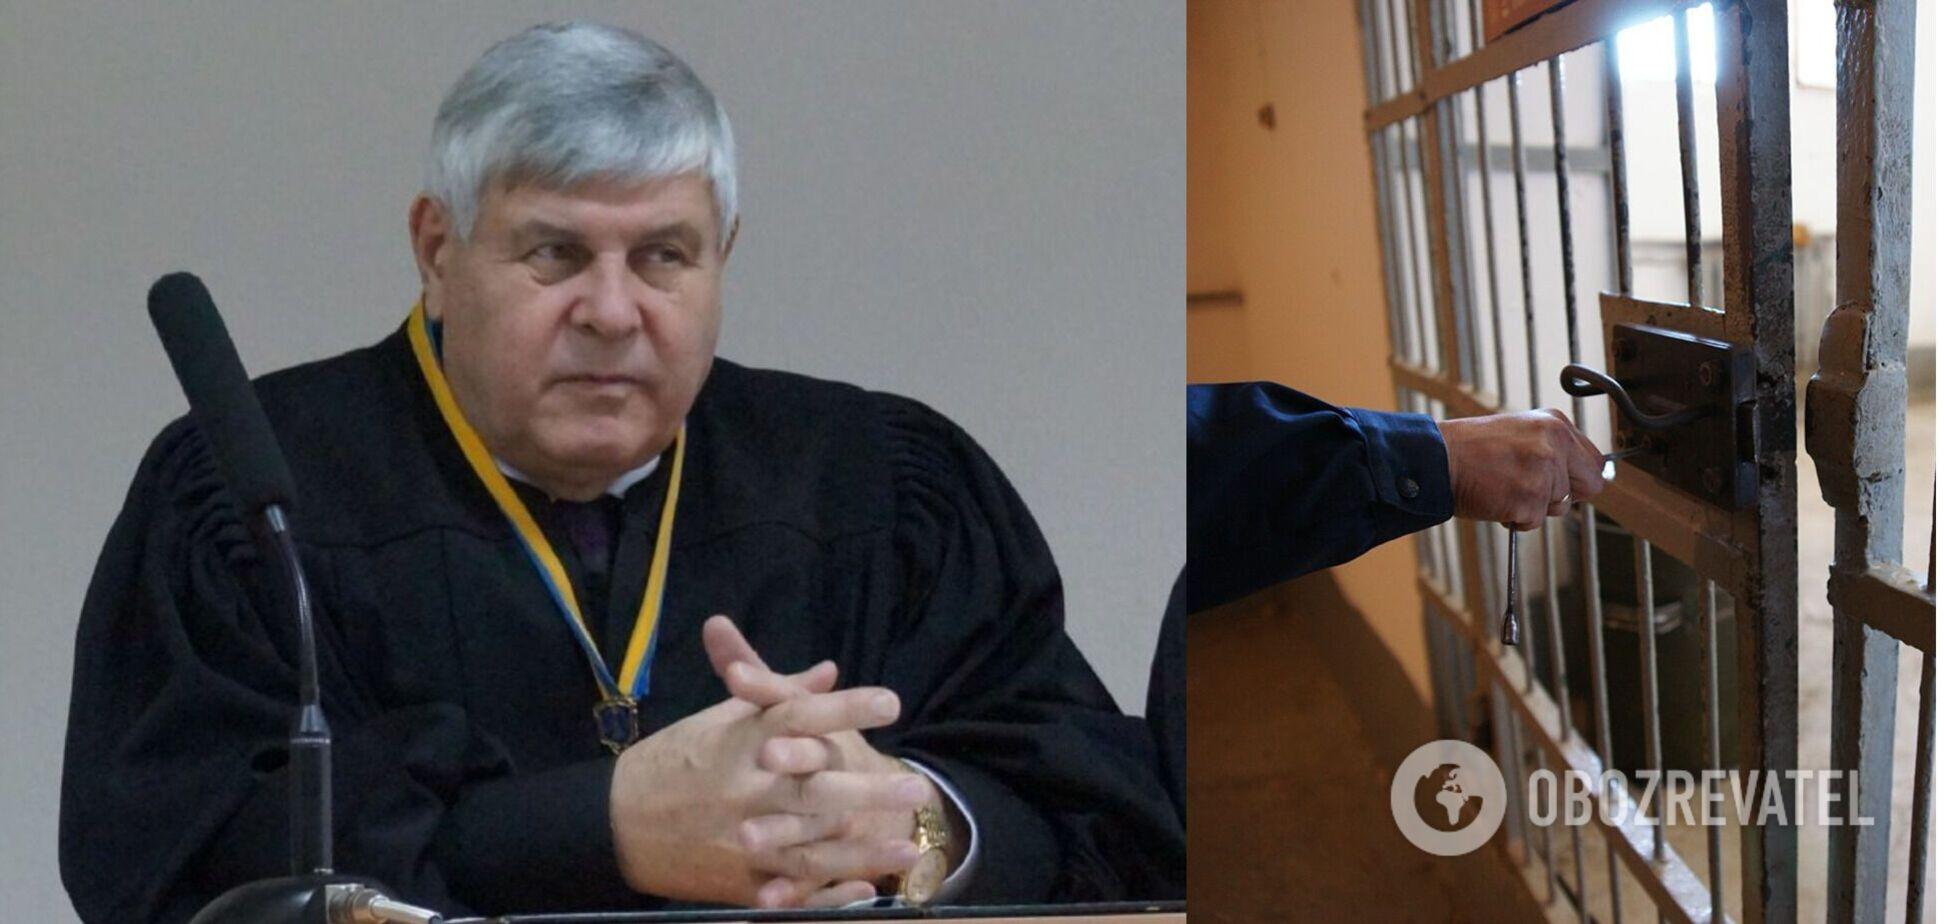 В Черкассах судья за взятку по пьяному вождению получил 2 года тюрьмы